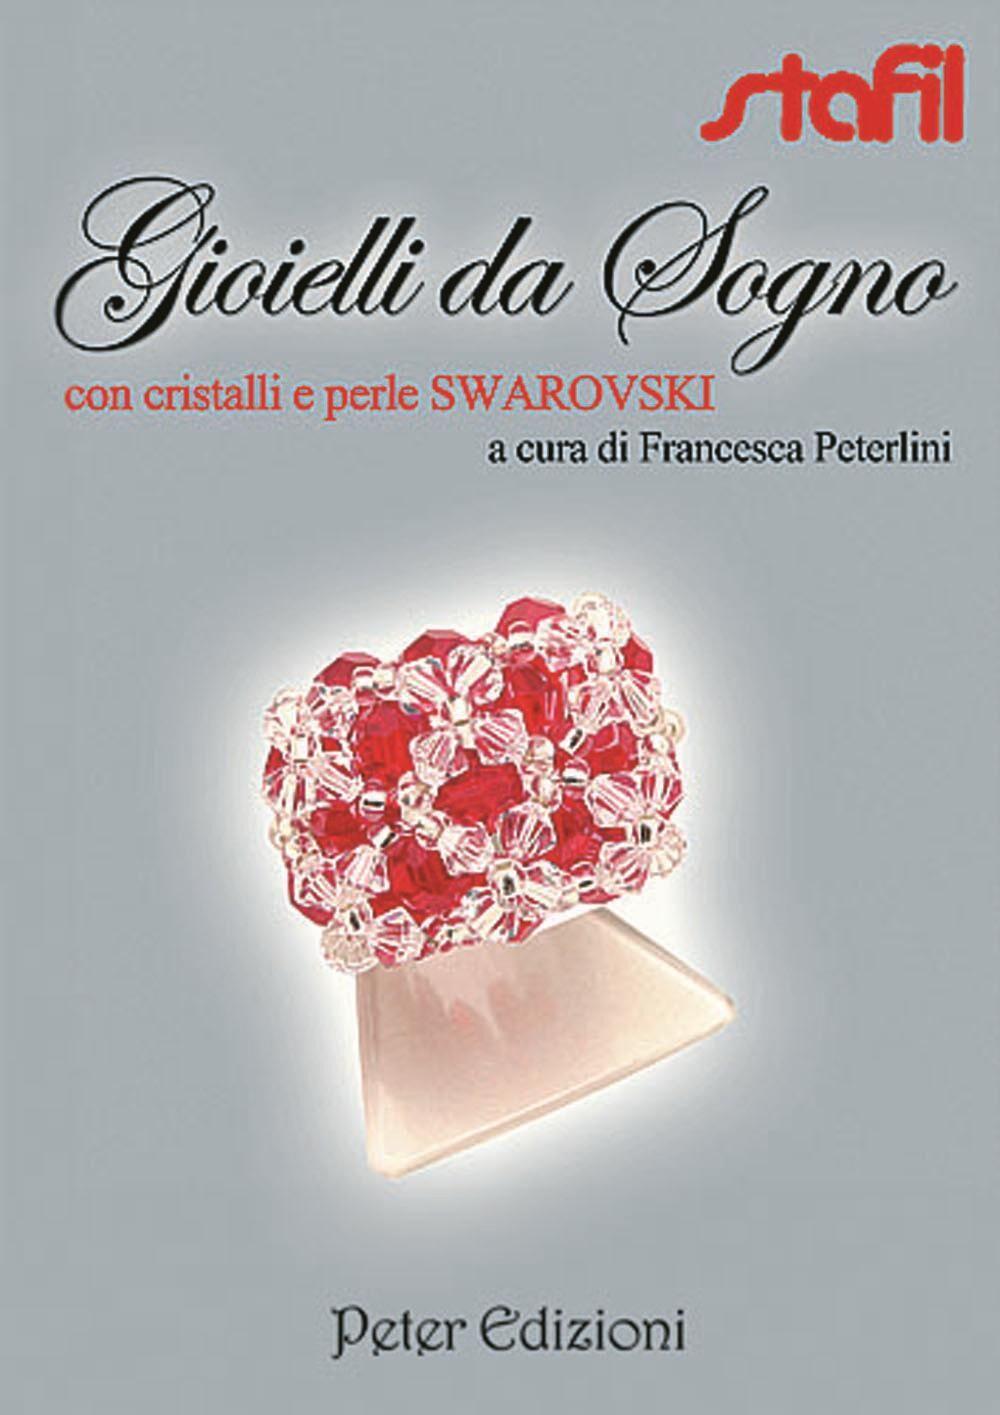 Gioielli da sogno con cristalli e perle Swarovski